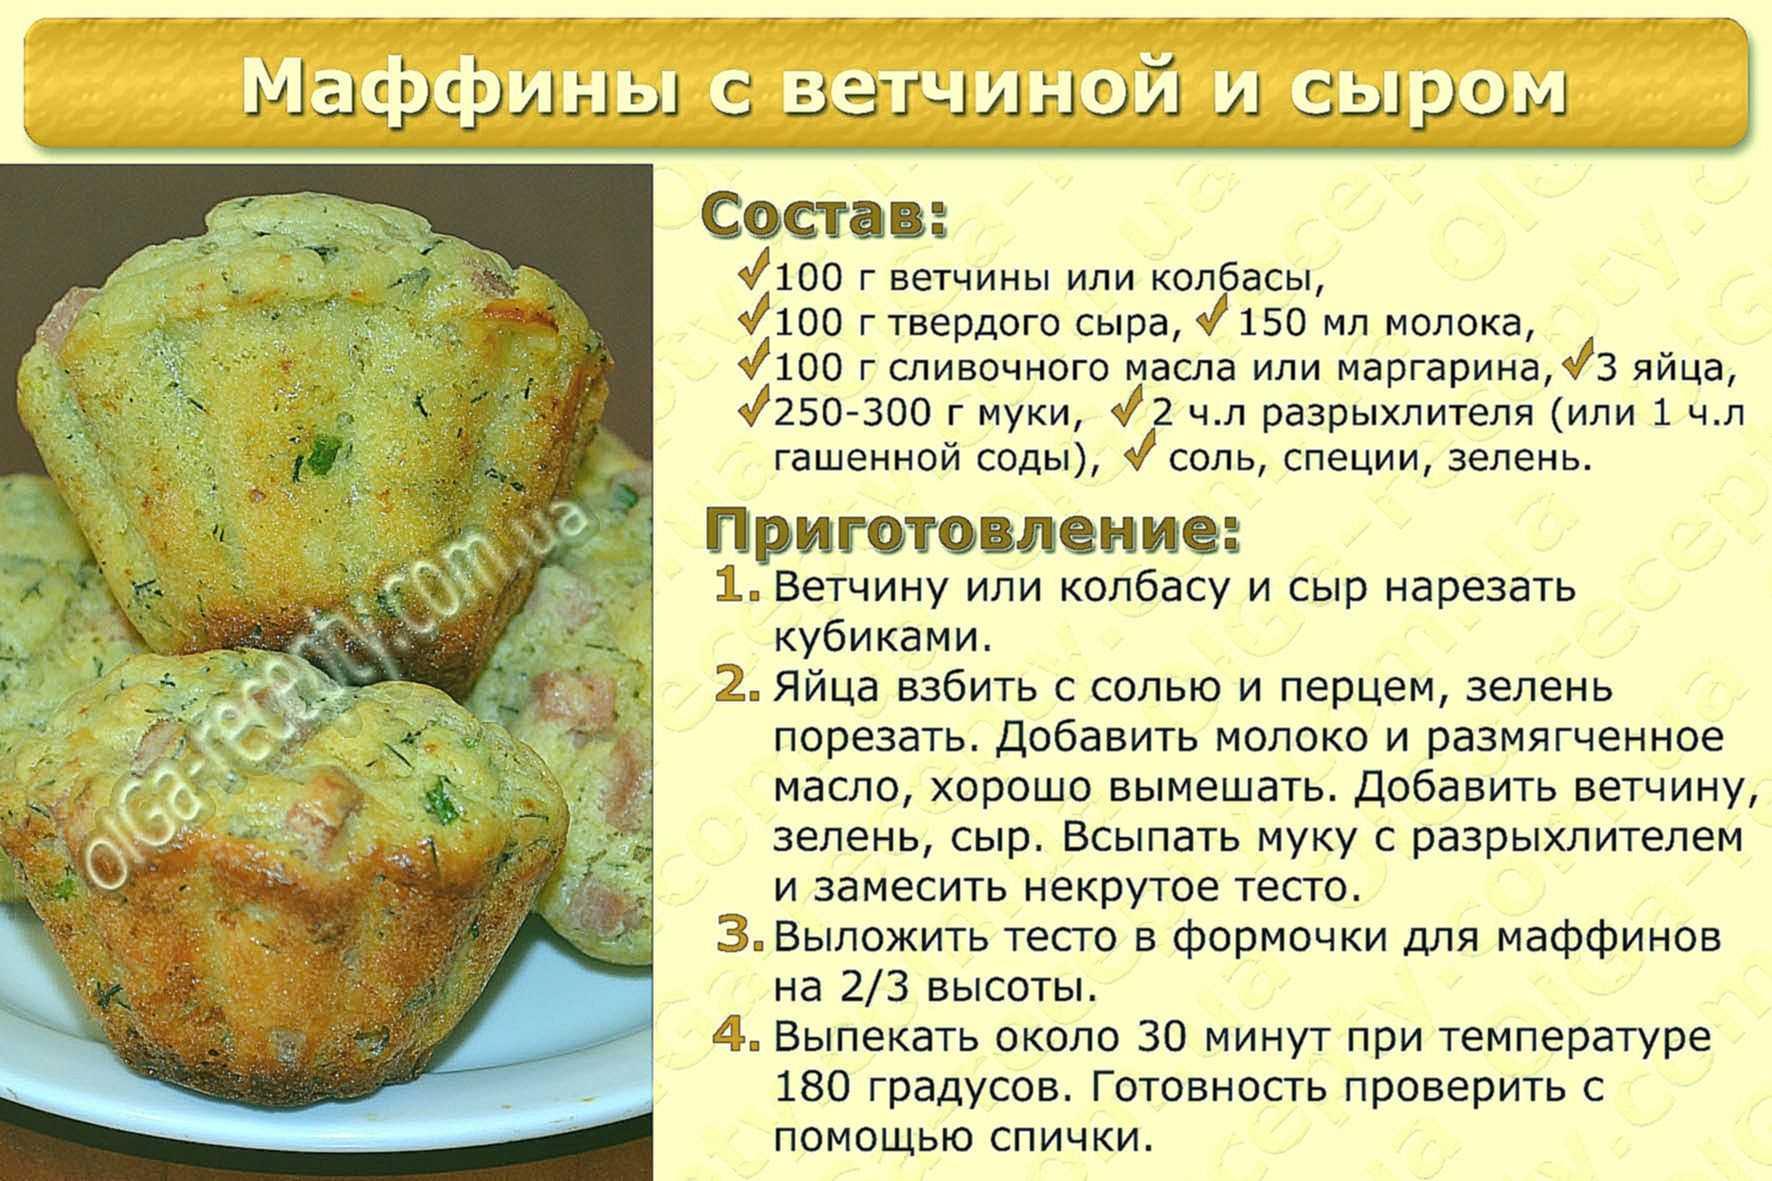 Рядовка лиловоногая или синеножка: описание и фото, где растет гриб, рецепты пошагово на зиму в домашних условиях